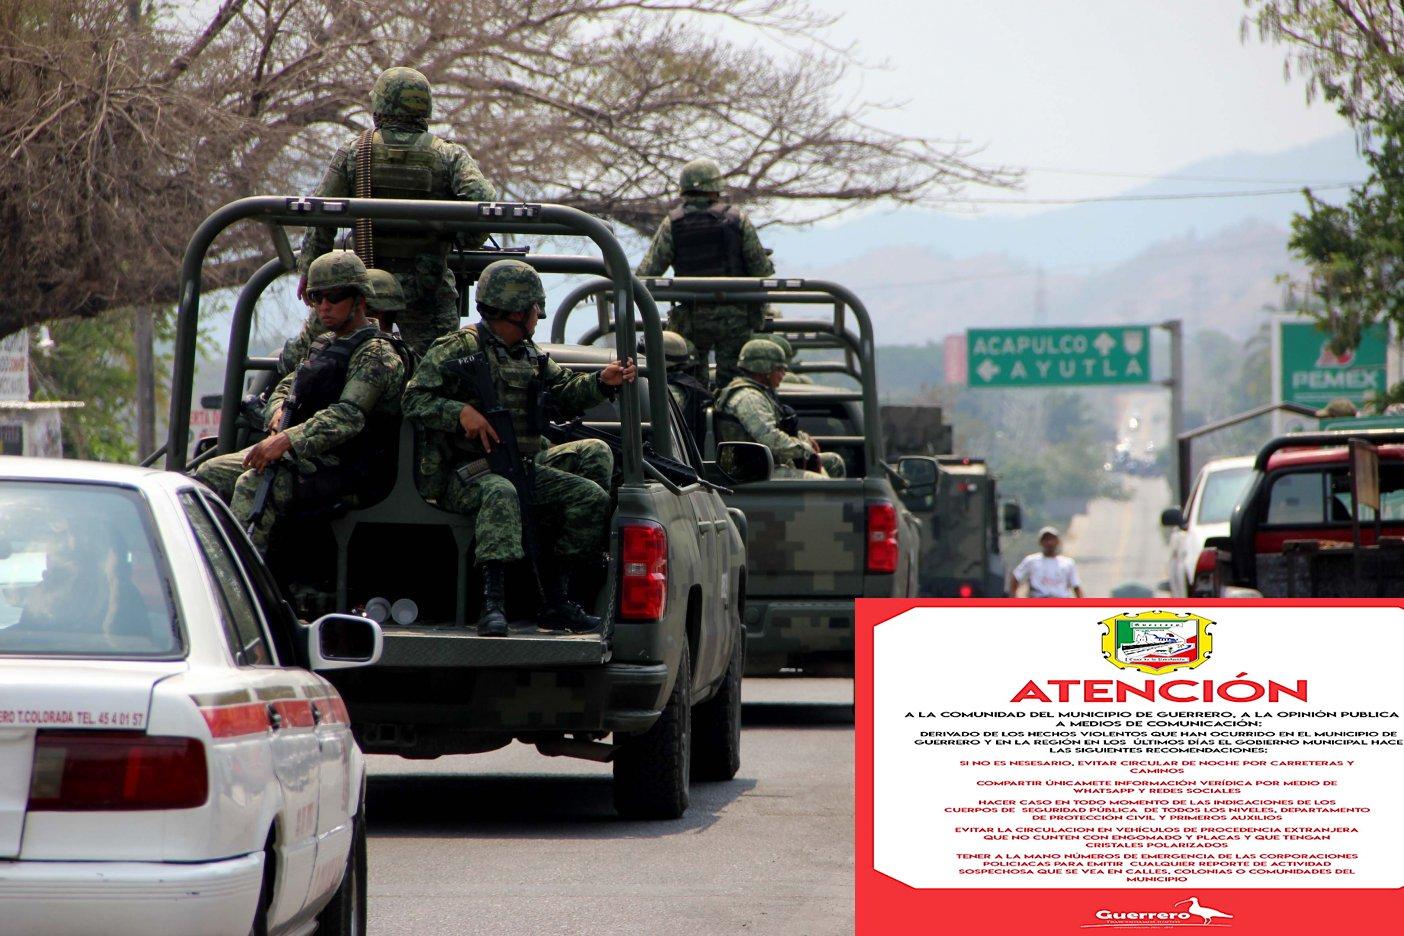 El narco se apodera de Guerrero; Alcalde capitula ante el crimen organizado y declara toque de queda